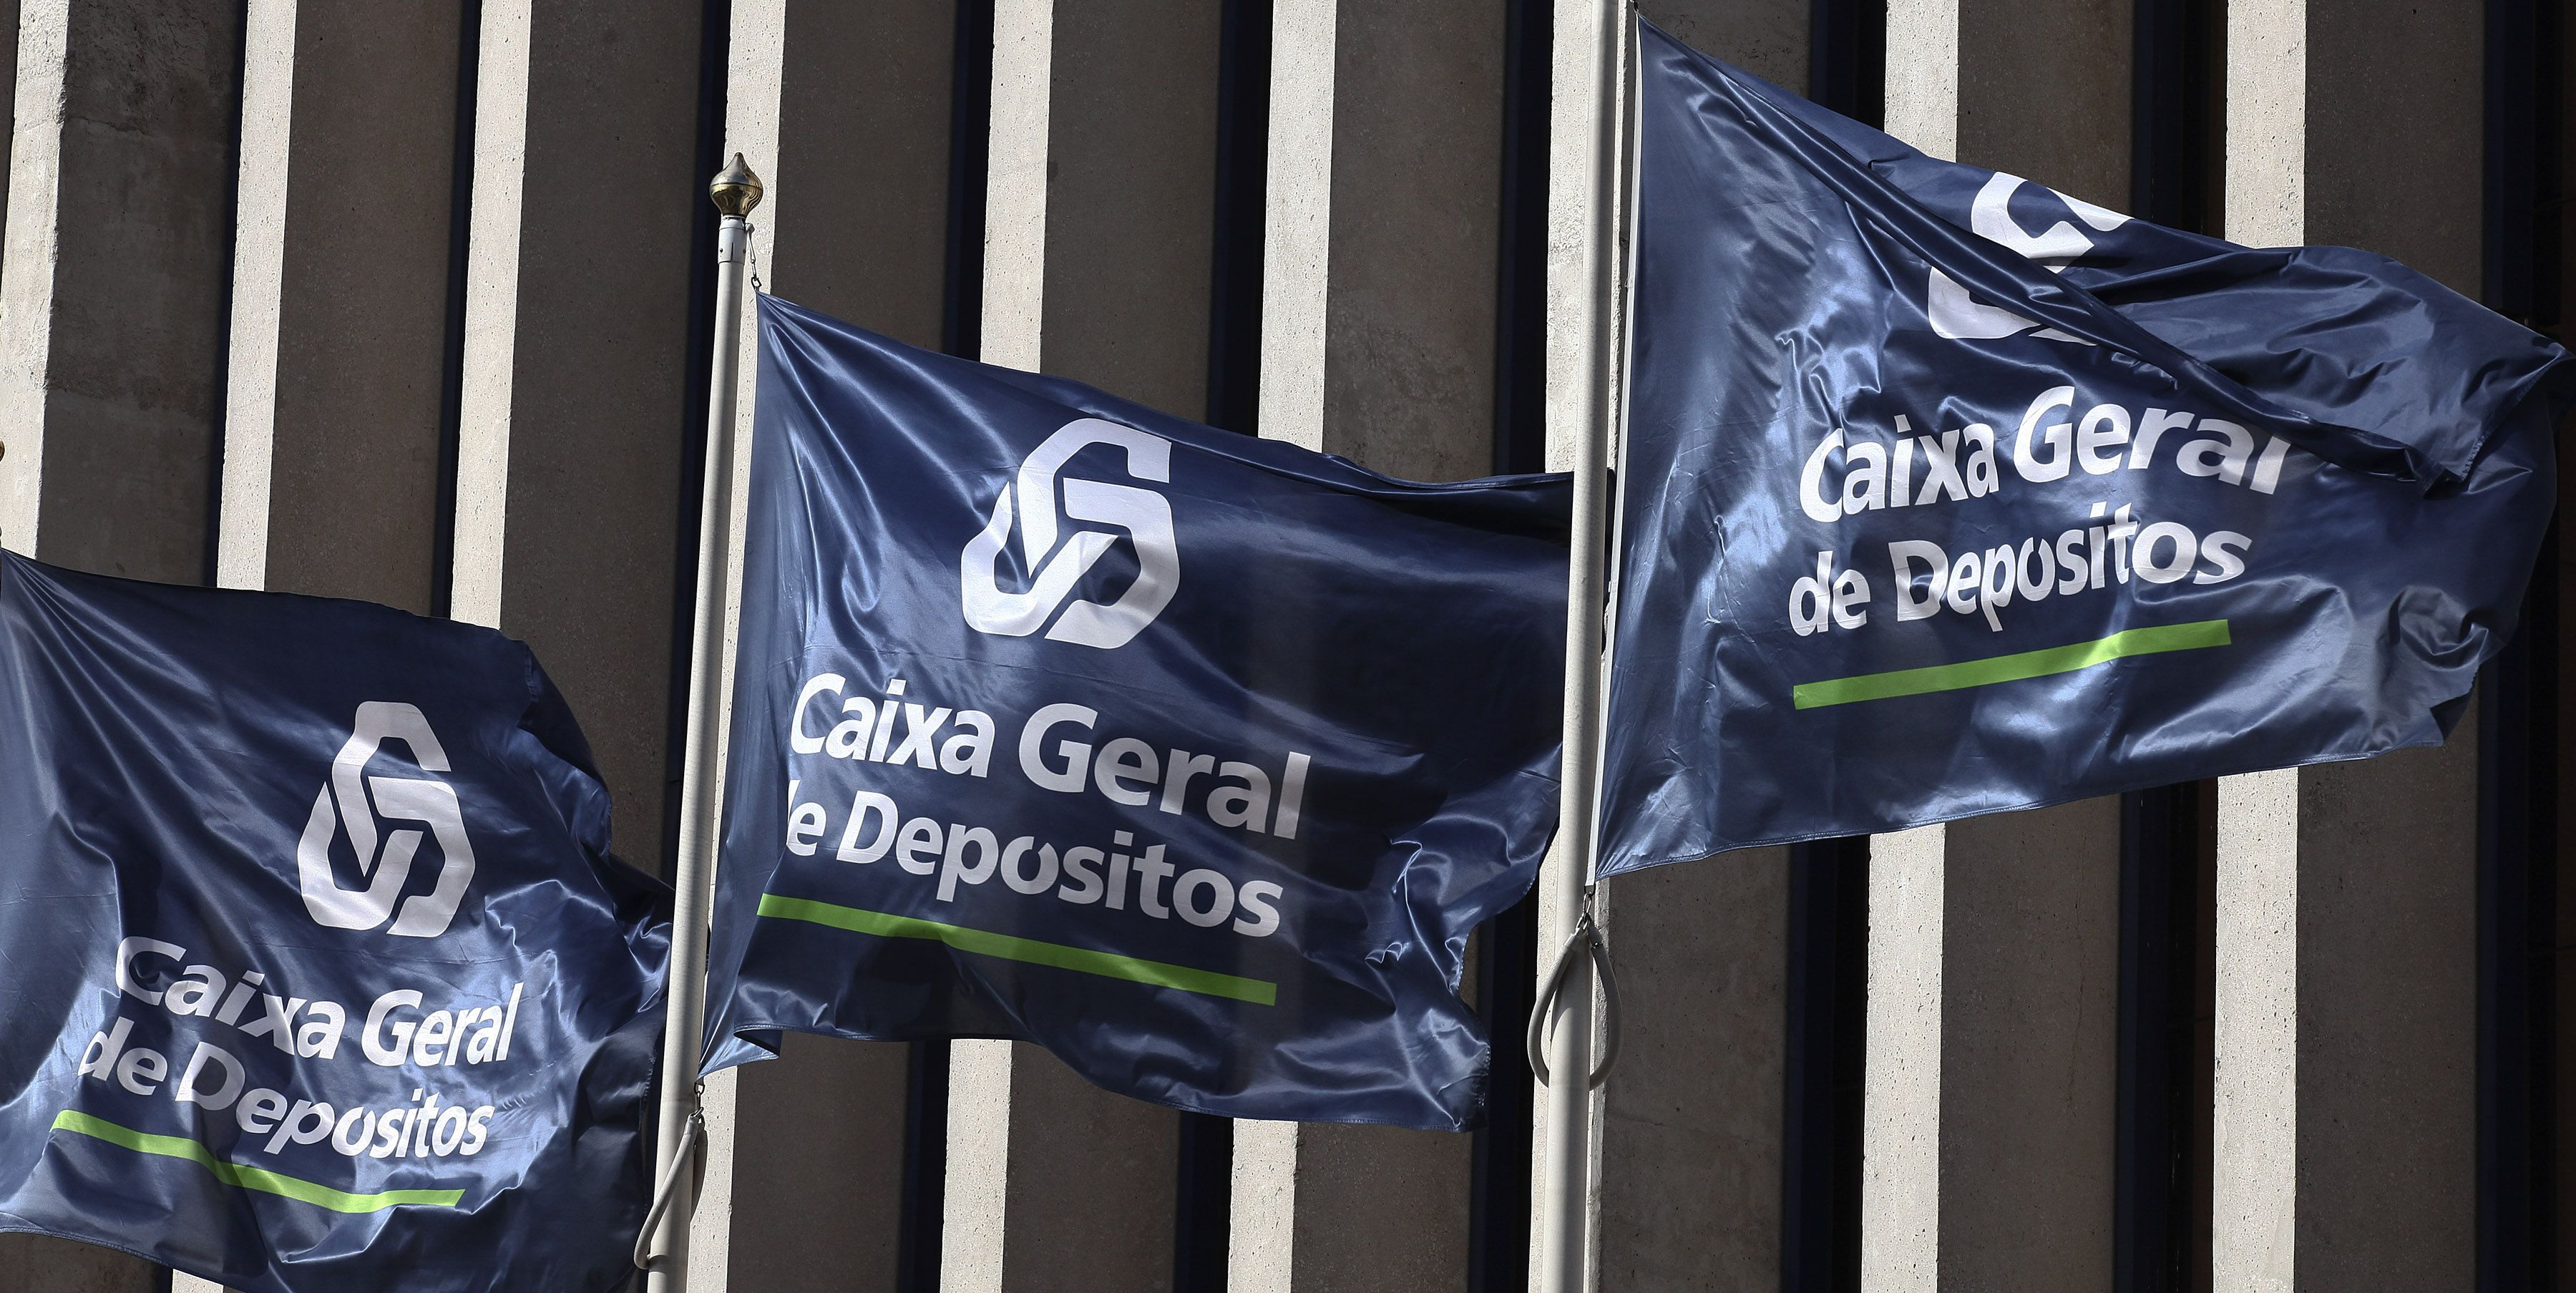 CGD com prejuízos de 50 milhões de euros no primeiro semestre